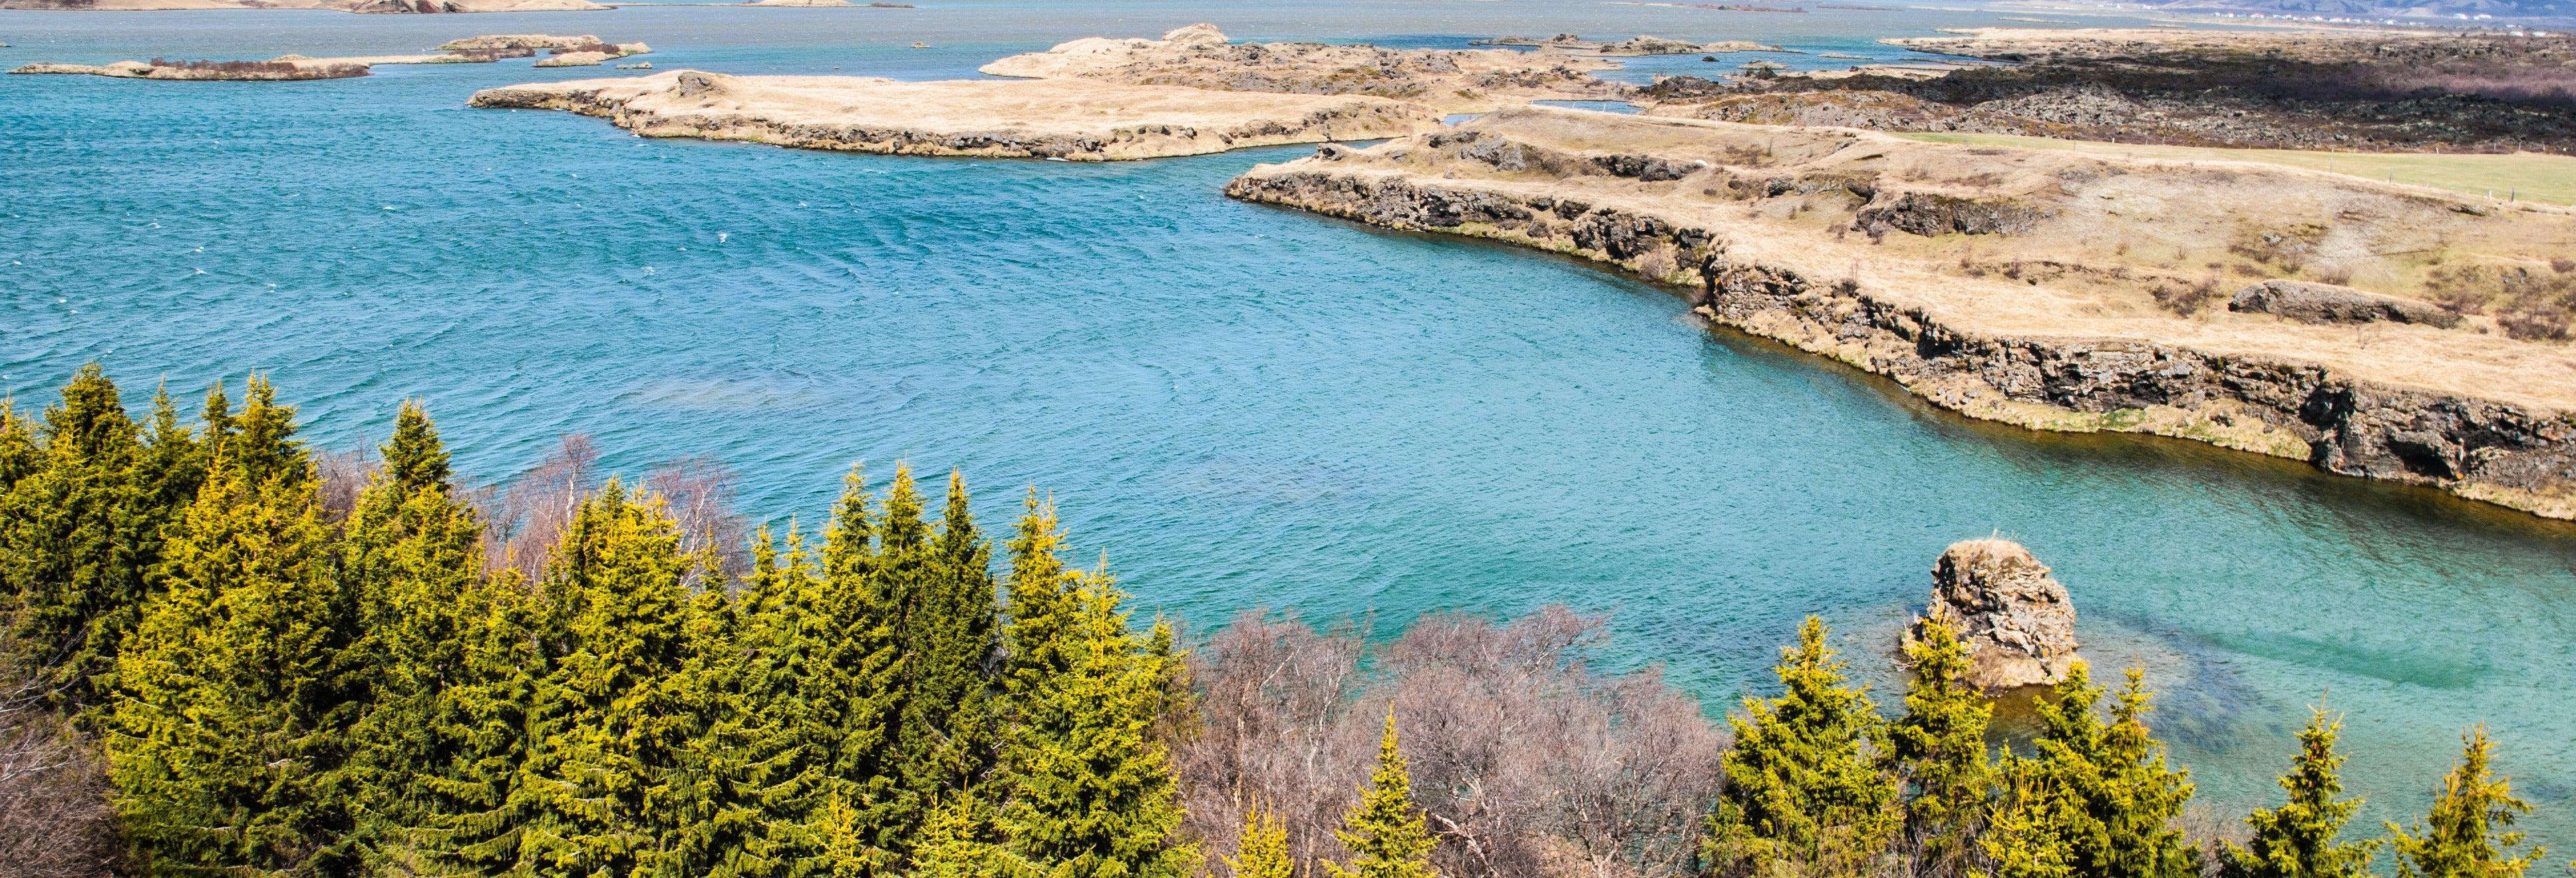 Excursión al lago Mývatn